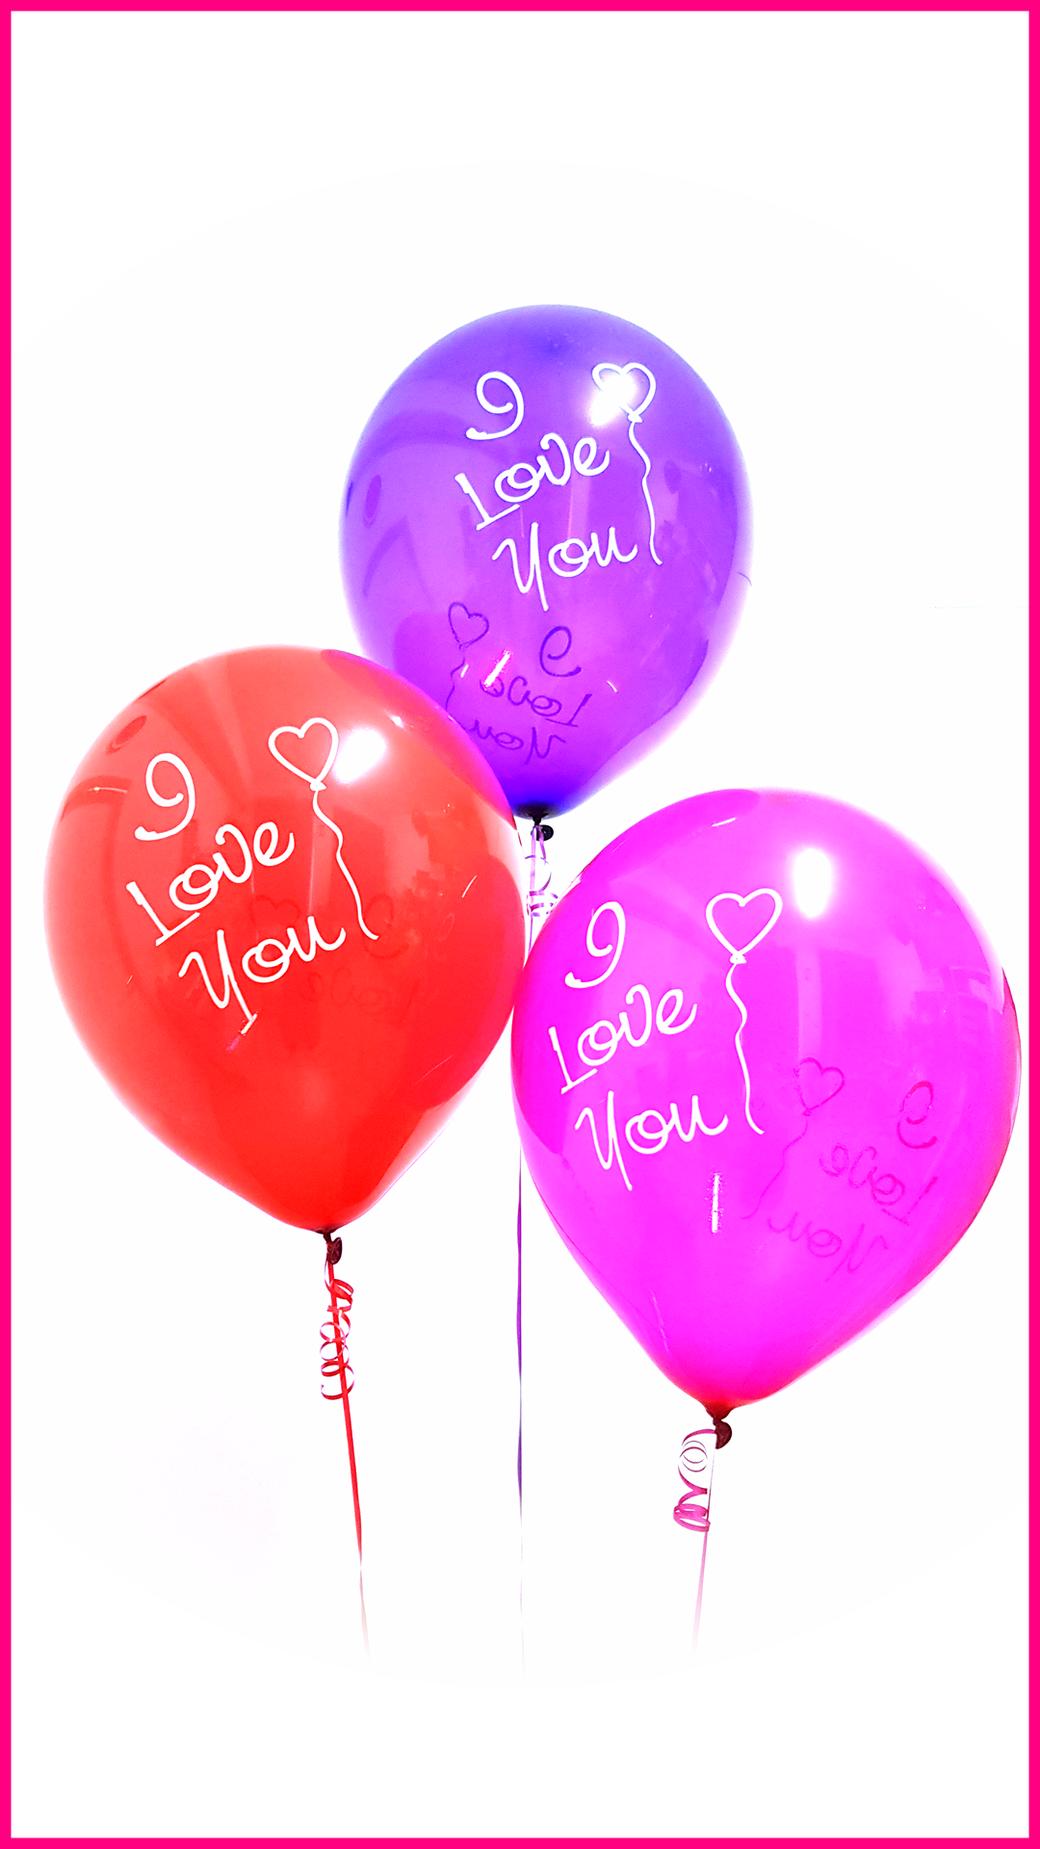 TUFTEX Riesenballon Riesenballons Giant balloon Luftballon Kristall Crystal rot red lila purple pink fuchsia magenta I love You Ich liebe dich MCR